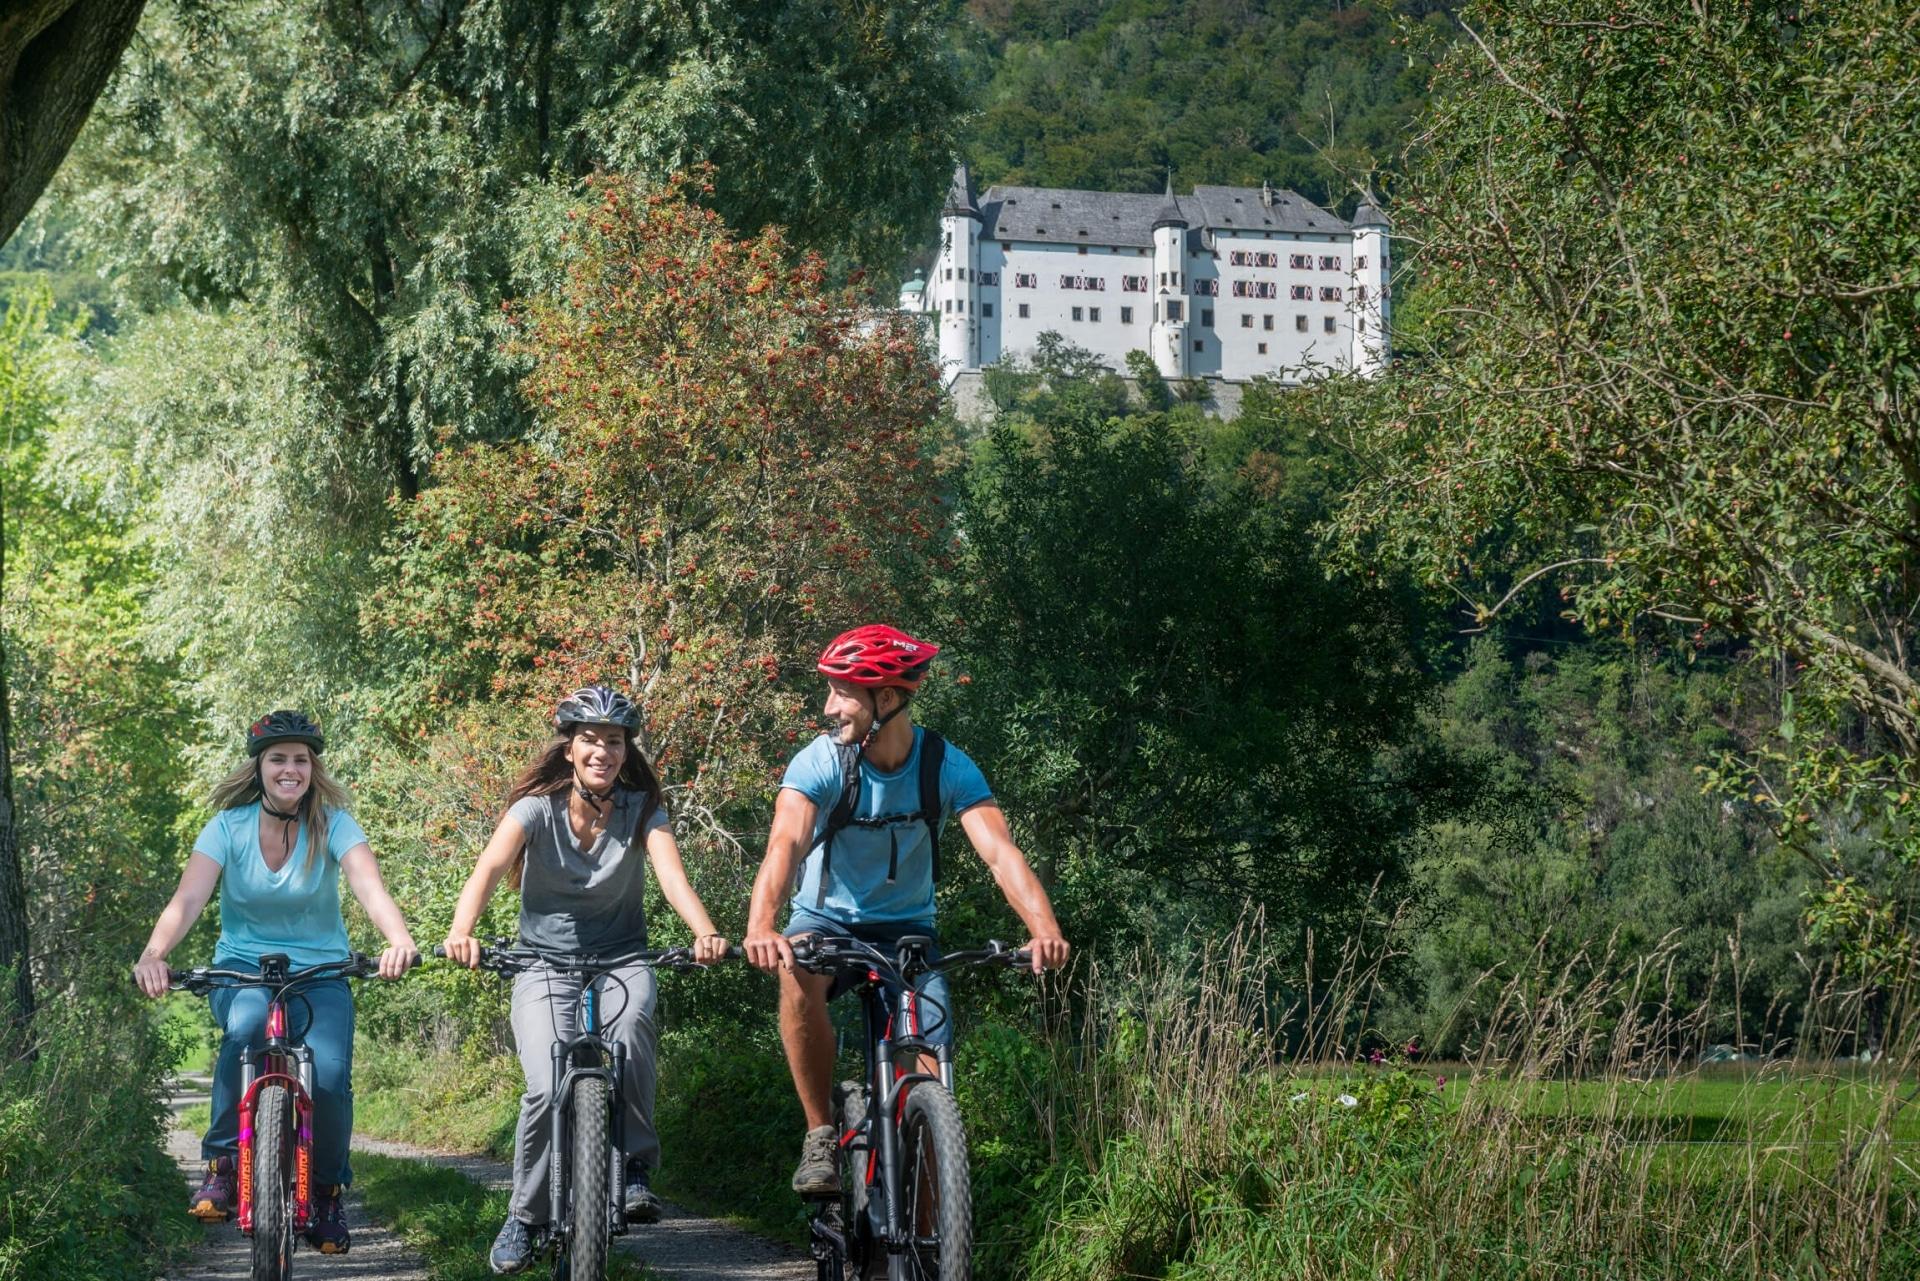 Radfahren in der Silberregion Karwendel © ichmachefotos.com - Angelica Morales